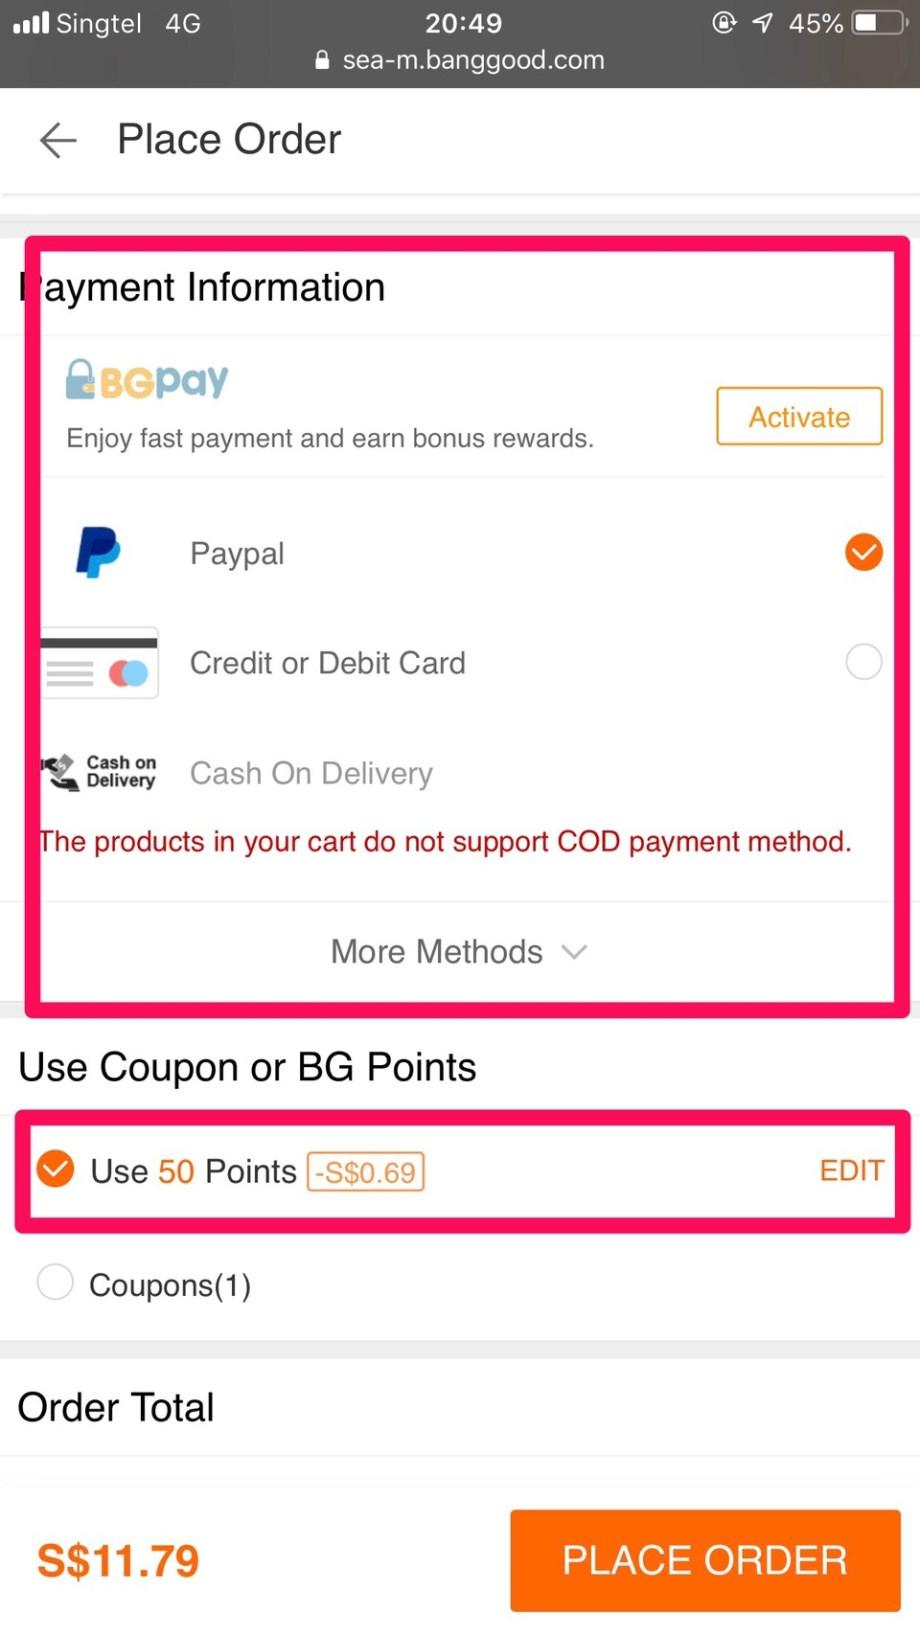 banggood payment menu